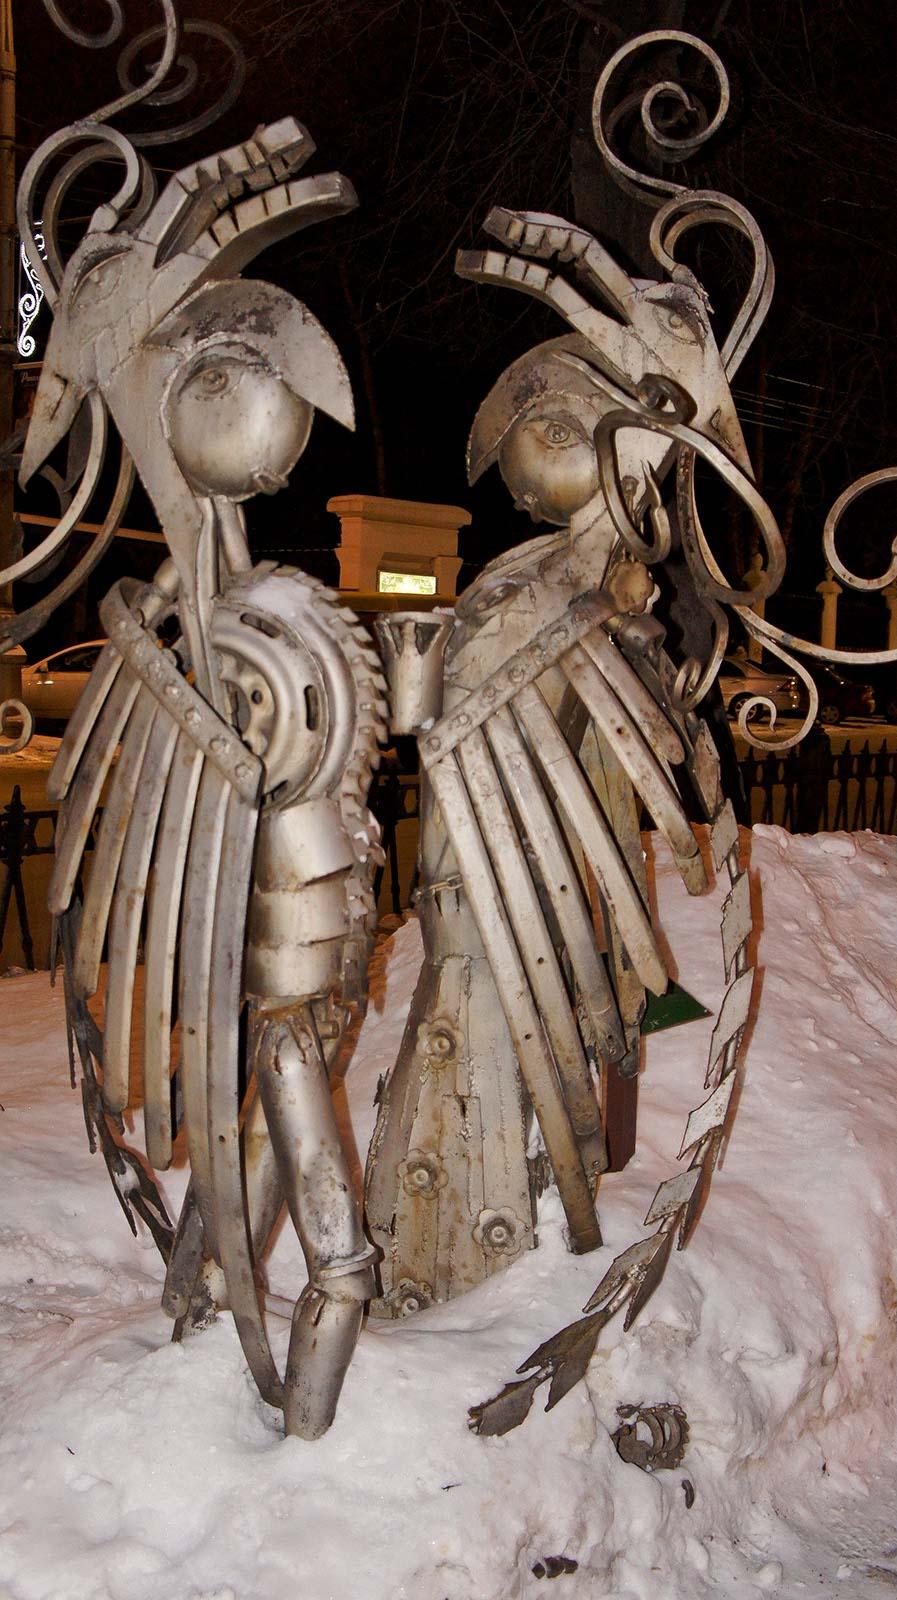 Фото №90368. ''И была древняя легенда''. Скульптор, Дмитрий Прибыльнов. Установлена в 2007 г.